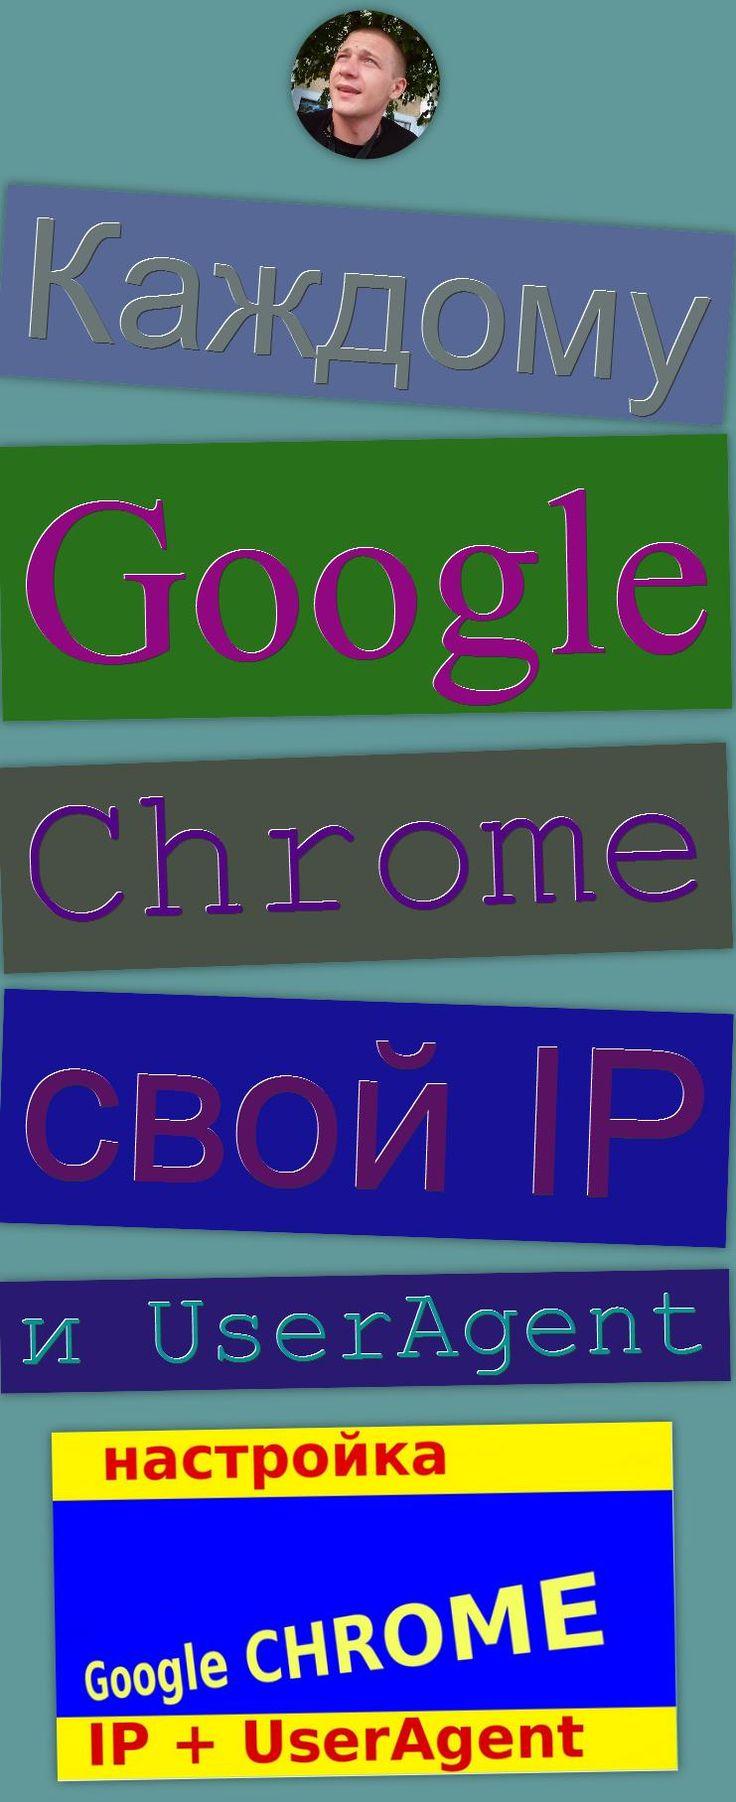 Каждому Google Chrome свой IP и UserAgent изменение юзерагента, изменение IP, анонимность в интернете, Google (Award Winner), Proxy, конфиденциальность в сети, Google Chrome (Web Browser), Software (Industry), UserAgent, IP